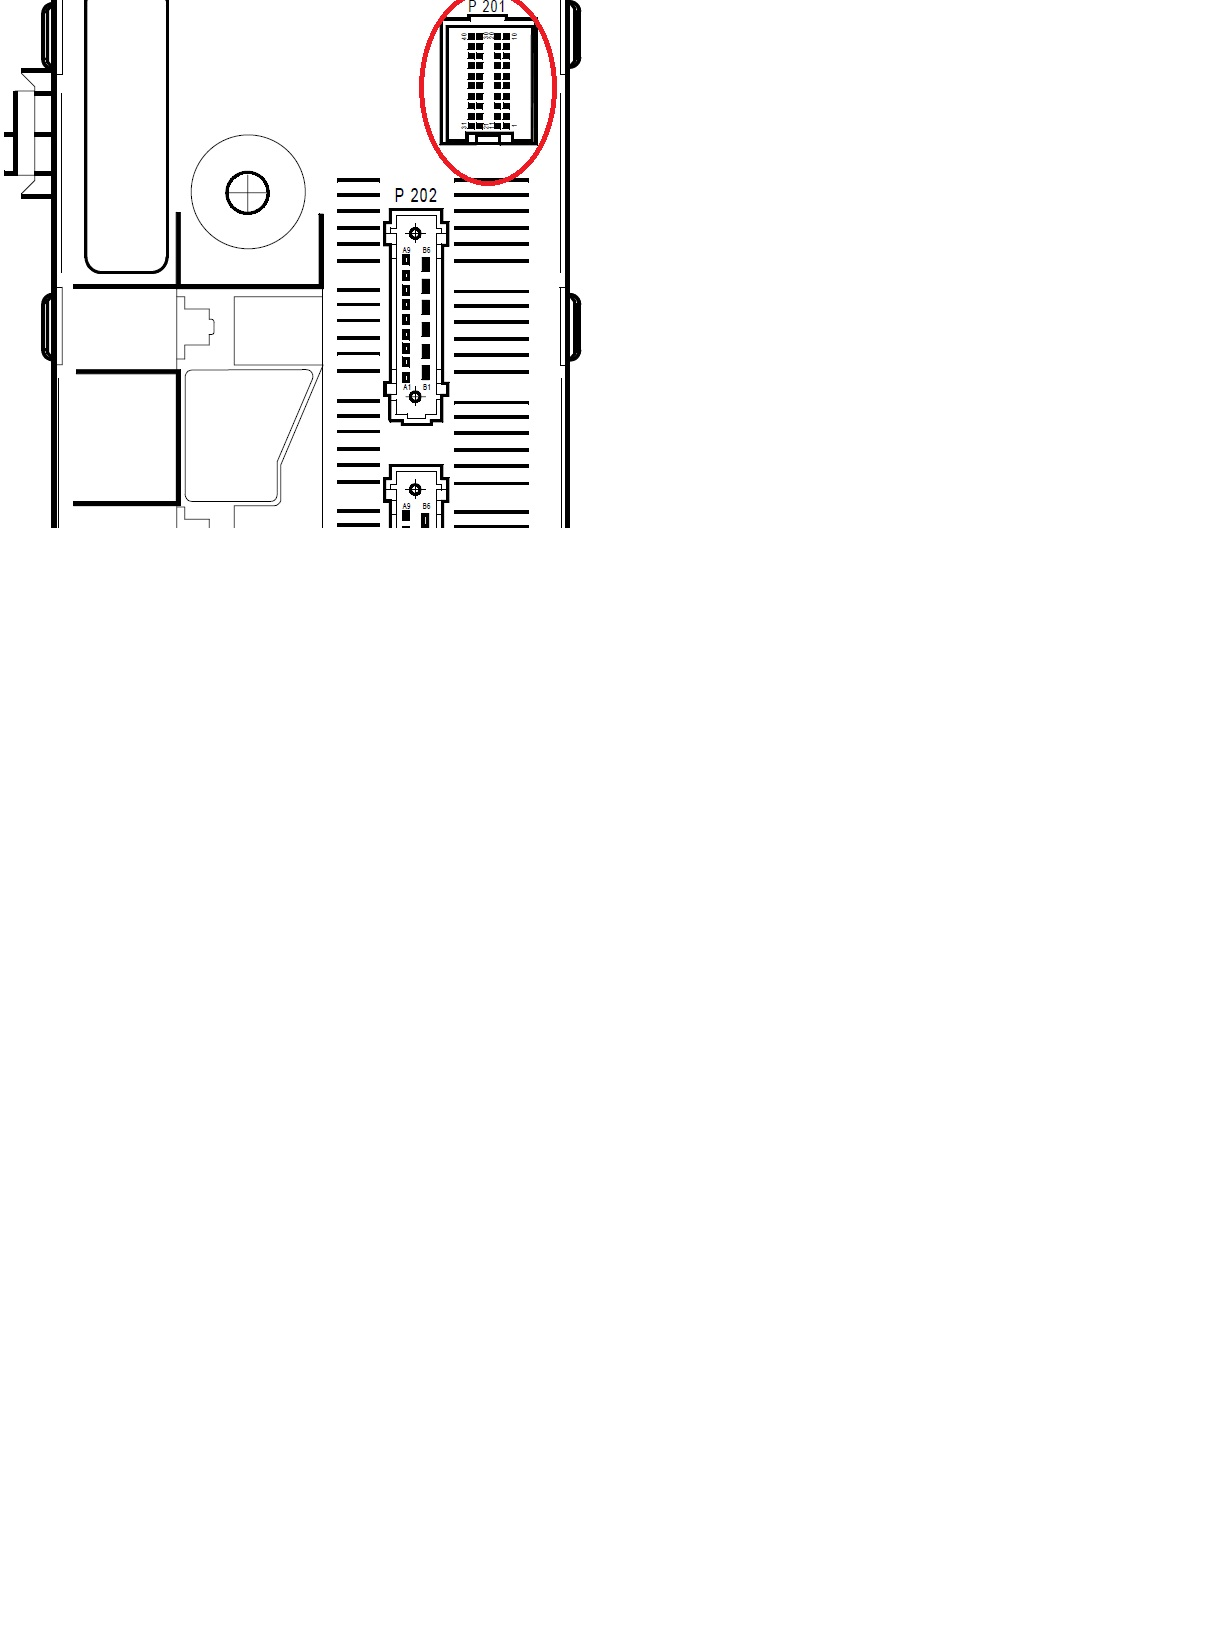 Groß Wie Funktioniert Ein Hausheizkörper Bilder - Schaltplan Serie ...